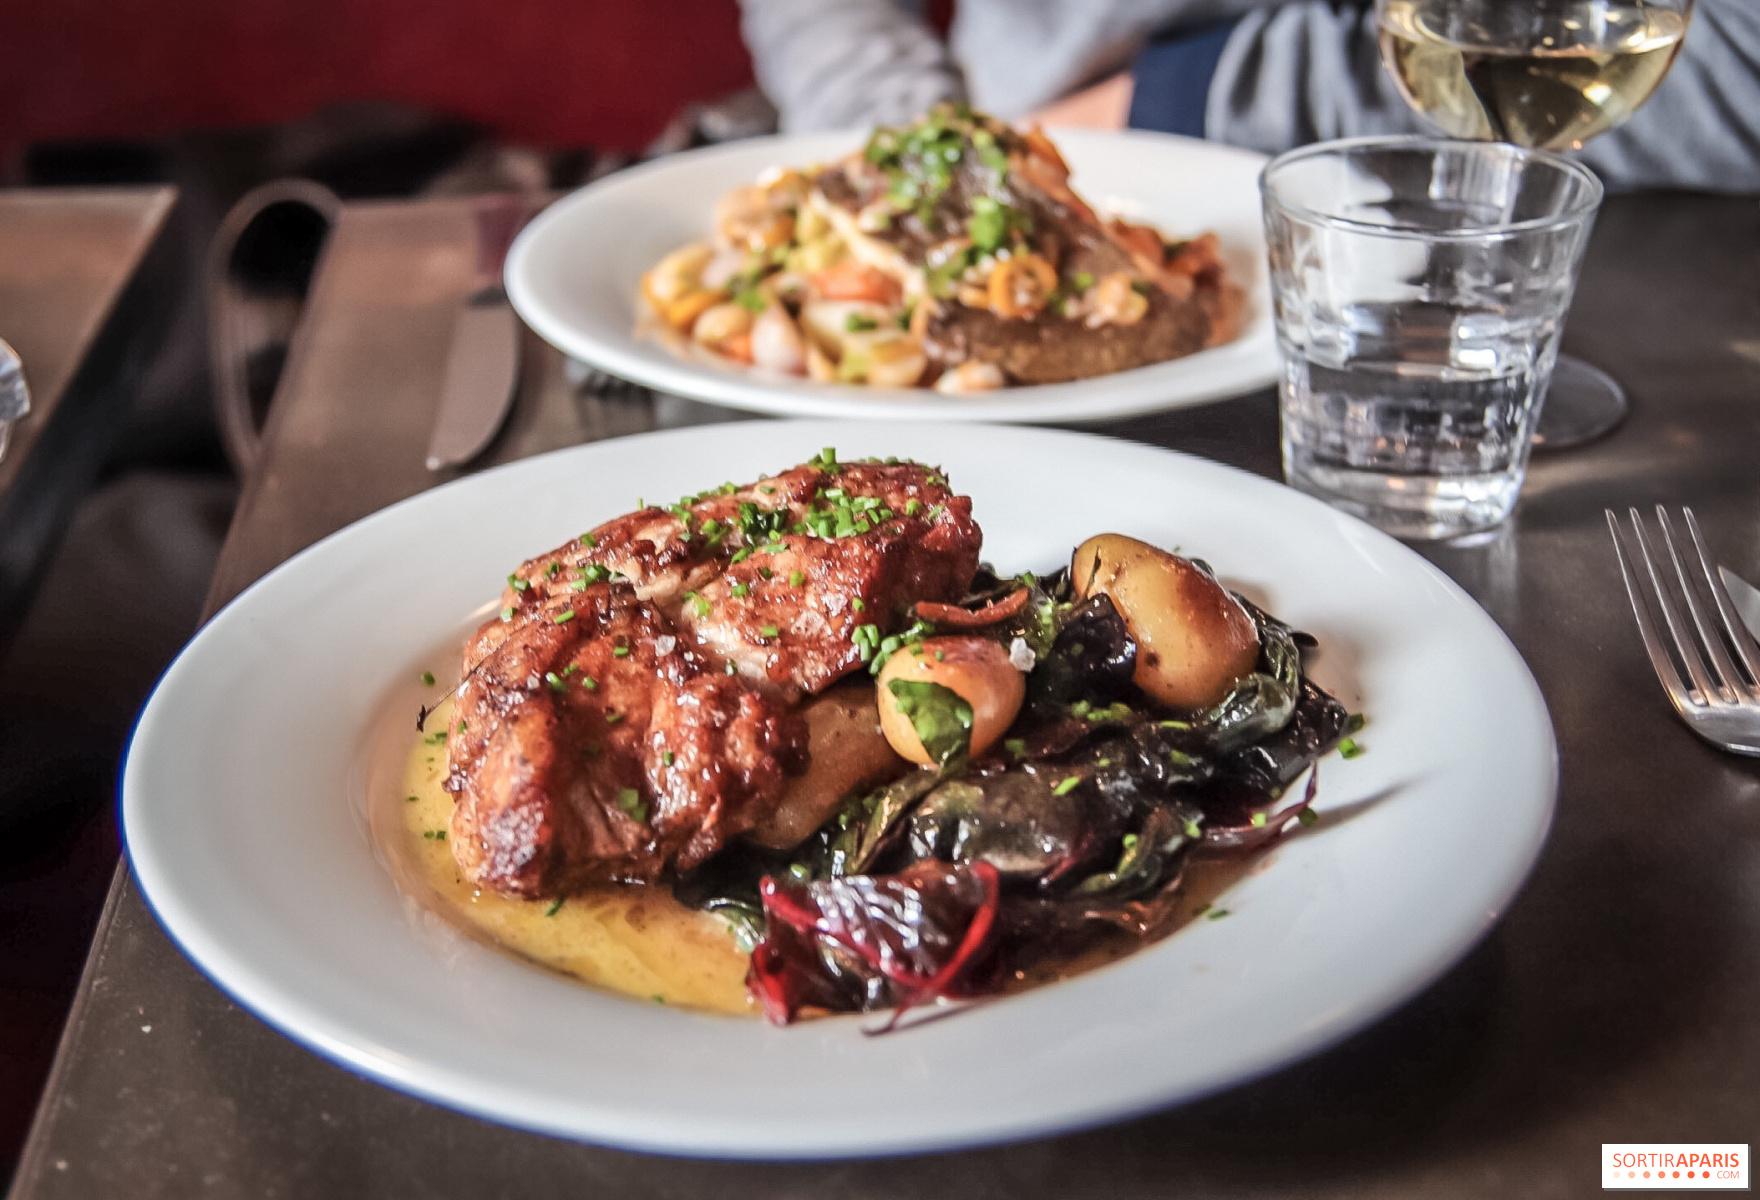 La Cuisine De Bistrot quedubon, paris 19th arrondissement gourmet bistro